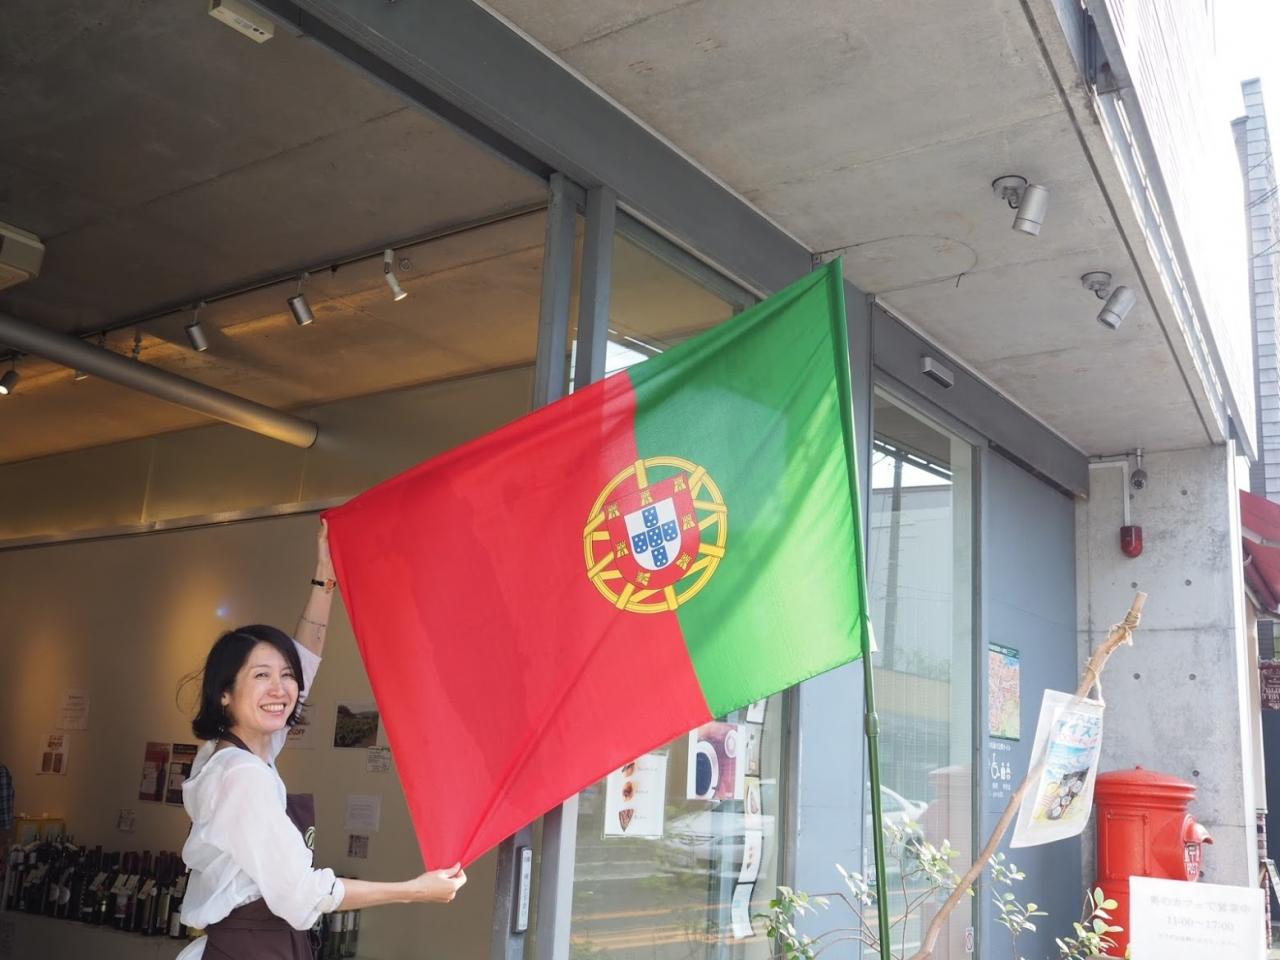 目印は風になびくポルトガルの旗!